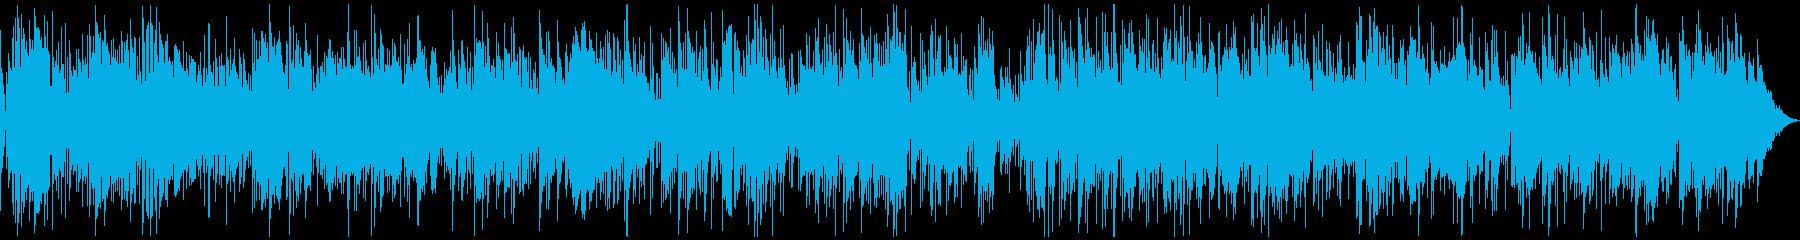 サックスとピアノの優しいボサノバの再生済みの波形